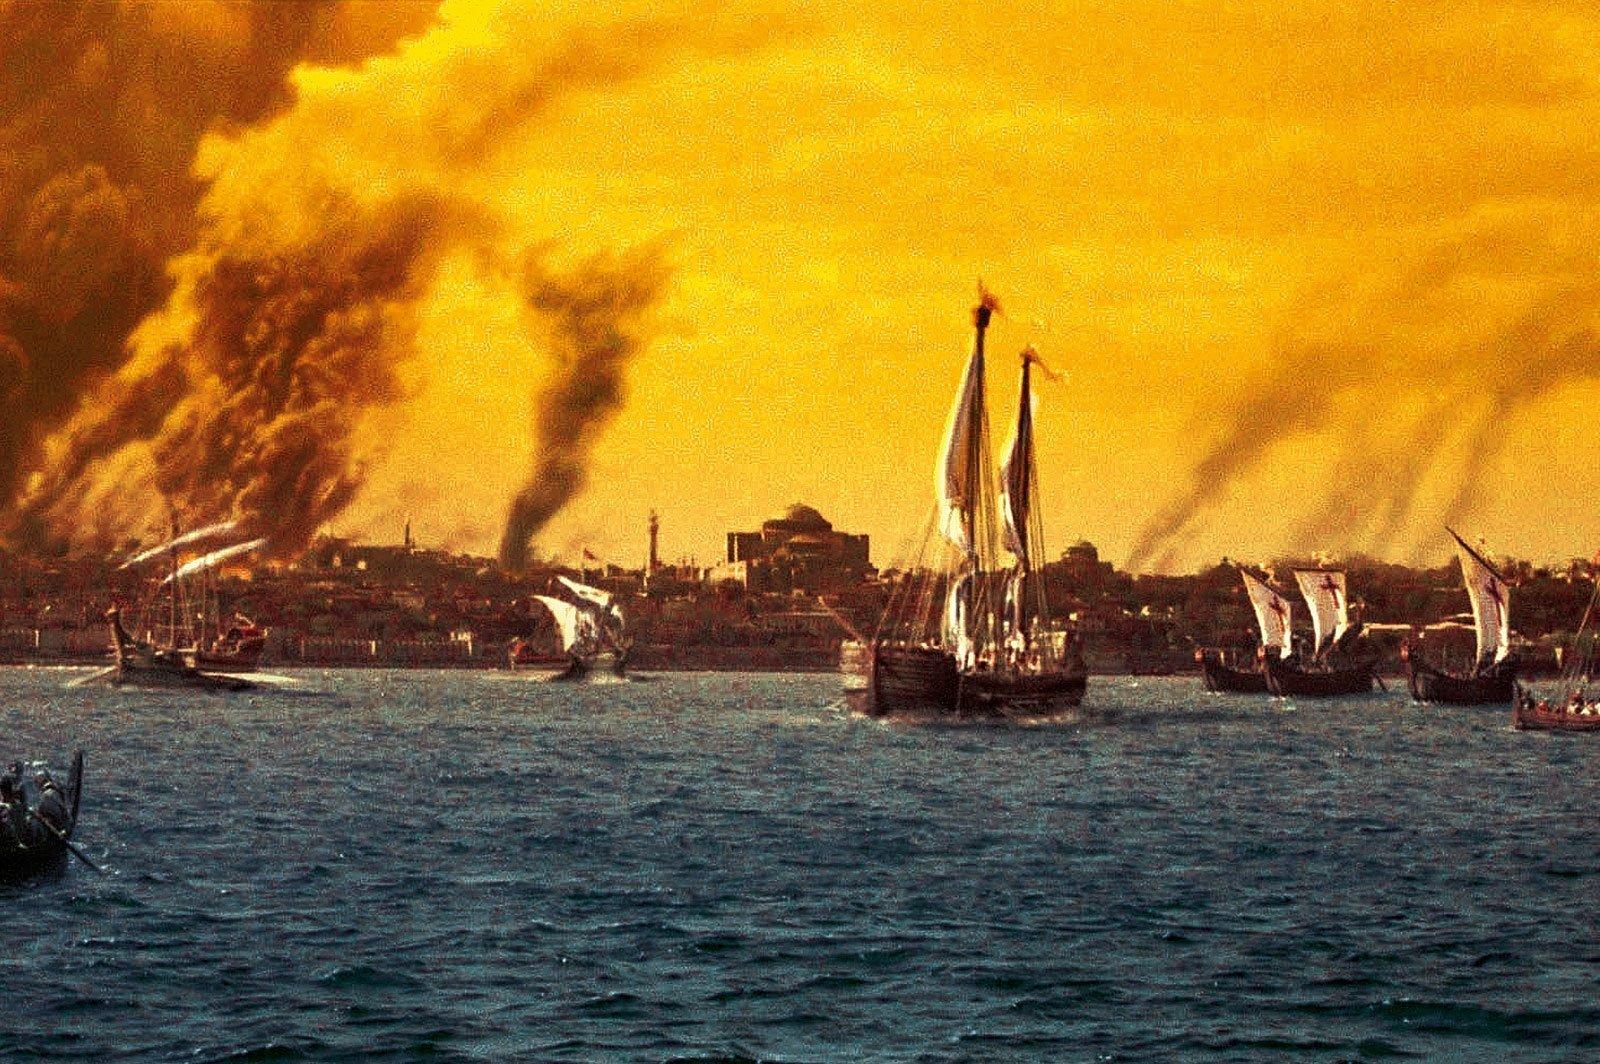 3-Ελένη-Γλύκατζη--Αρβελέρ-μύθοi-για-την-Άλωση-της-Κωνσταντινούπολης,-29-Μαίου-1453